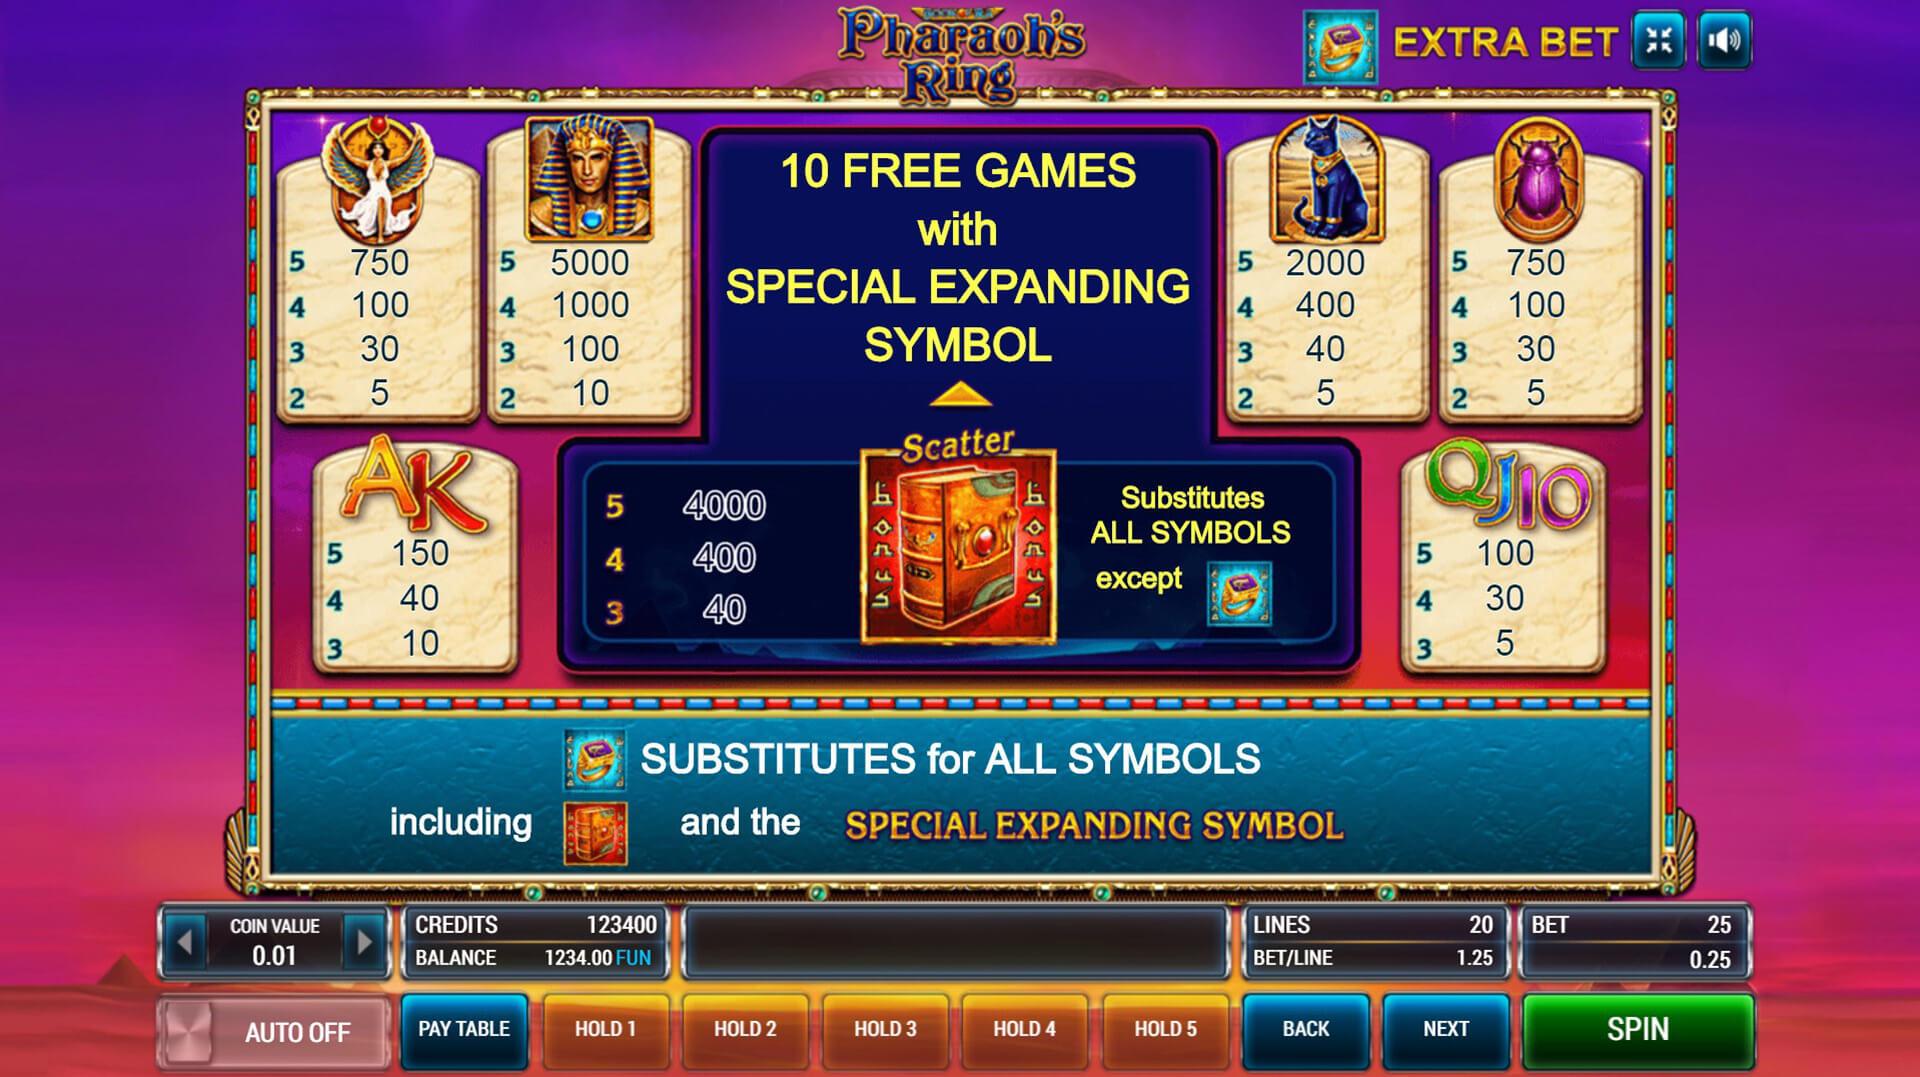 Изображение игрового автомата Pharaoh's Ring 2